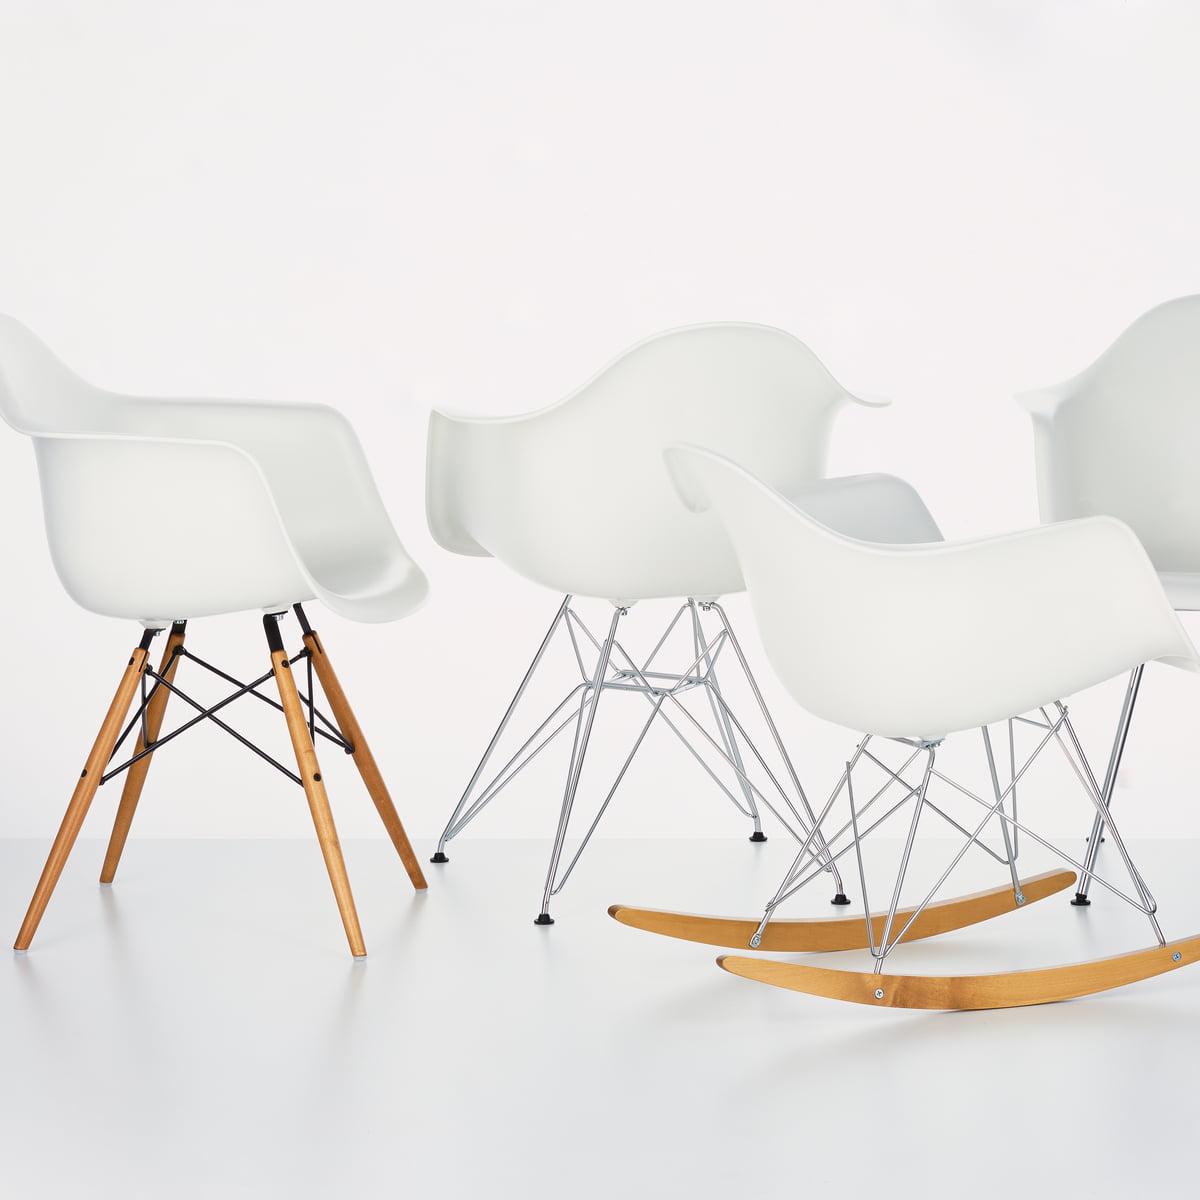 Vitra Eames Plastic Armchair DAW (H 43 cm), érable jauni blanc, patins feutre blanc (sold durs)